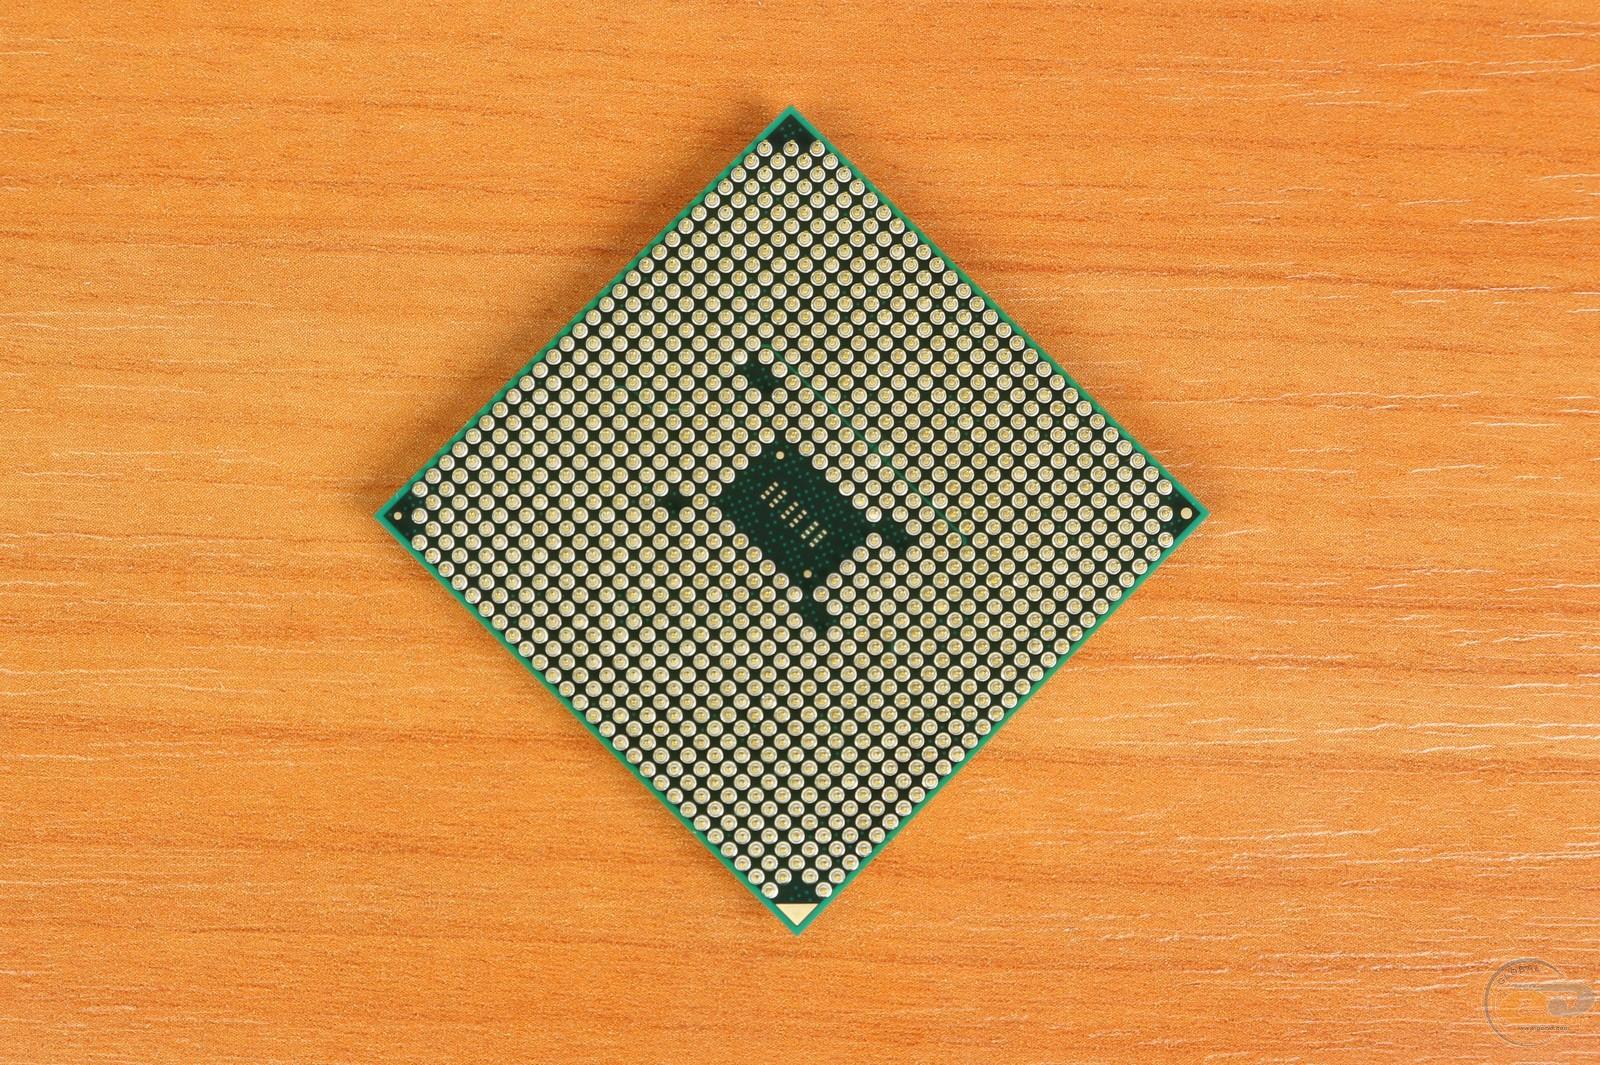 Apu Amd A8 7650k 1 Gecidcom Processor Box Kaveri Quad Core 33 Ghz Socket Fm2 95w